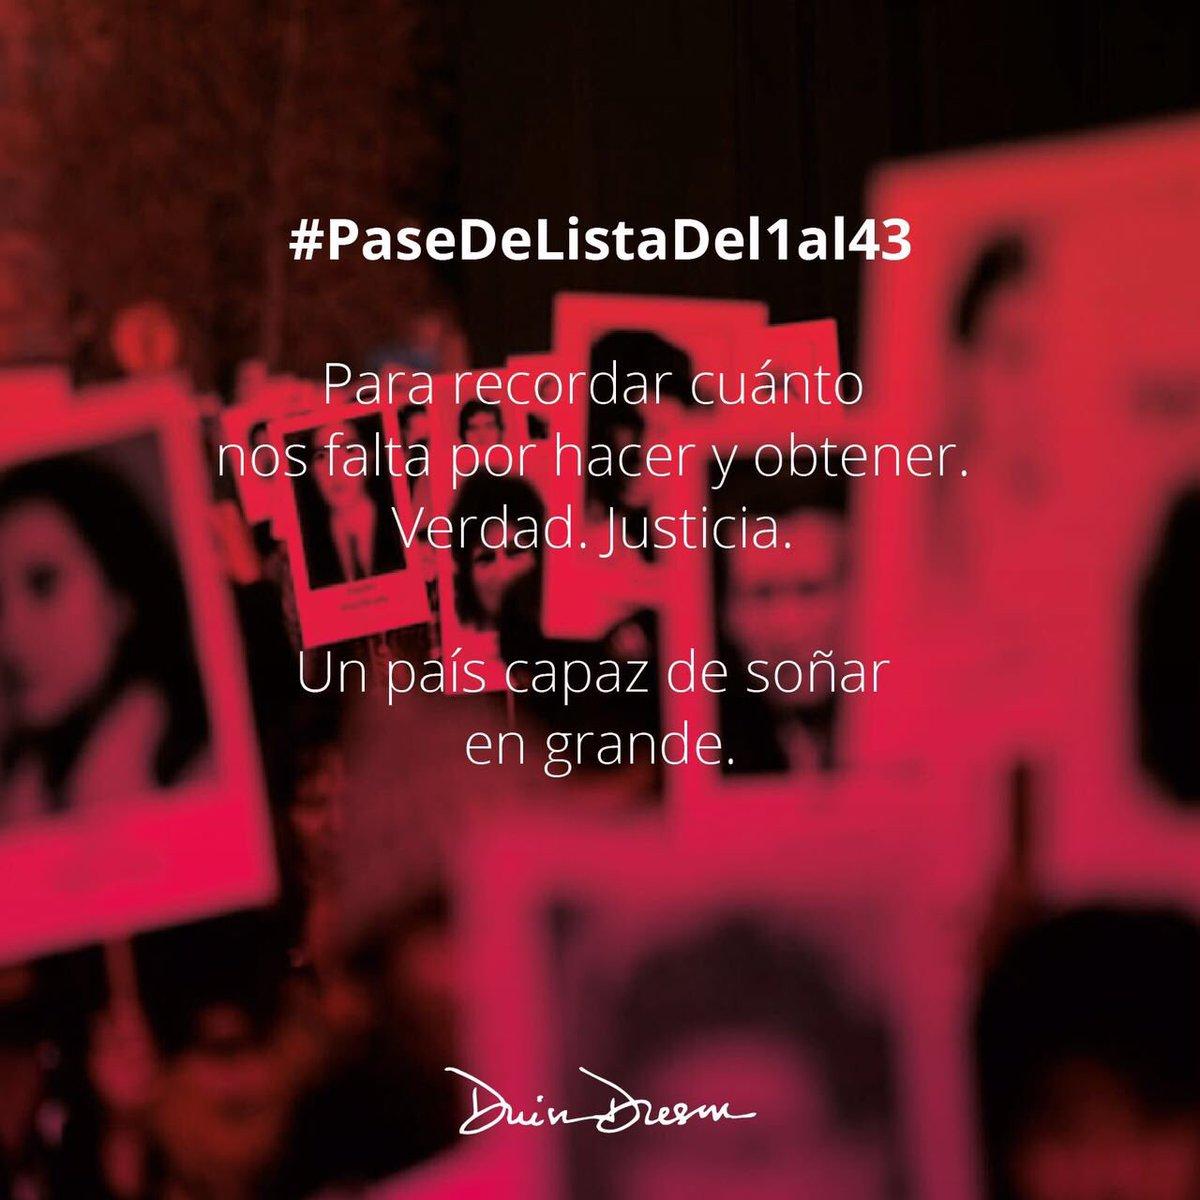 #PaseDeLista1al43 esta noche como todas las noches. Porque tiempo que pasa, verdad que huye. @epigmenioibarra<br>http://pic.twitter.com/rLTp6Z9lxJ